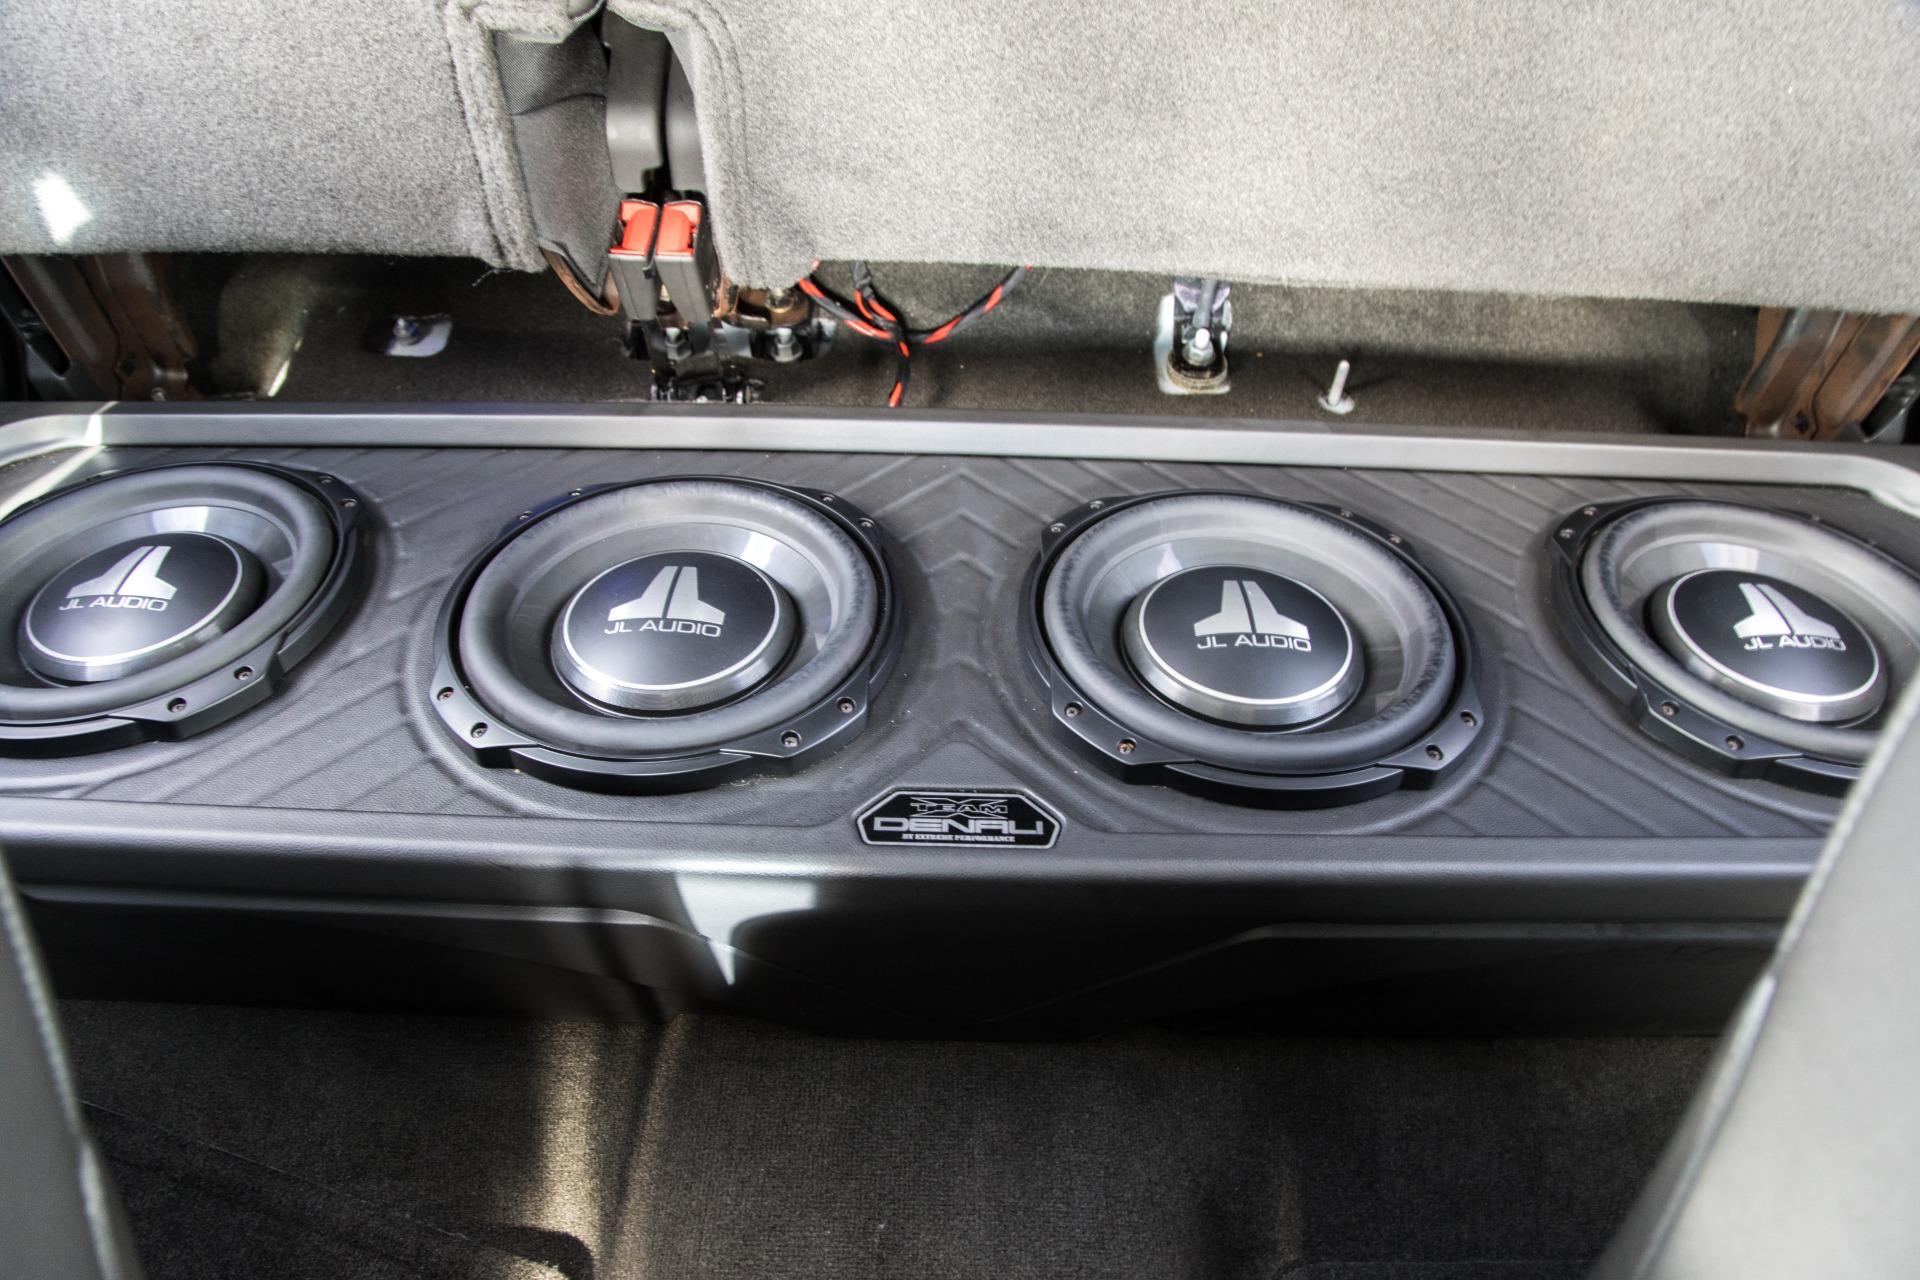 Used-2015-GMC-Sierra-2500HD-Denali